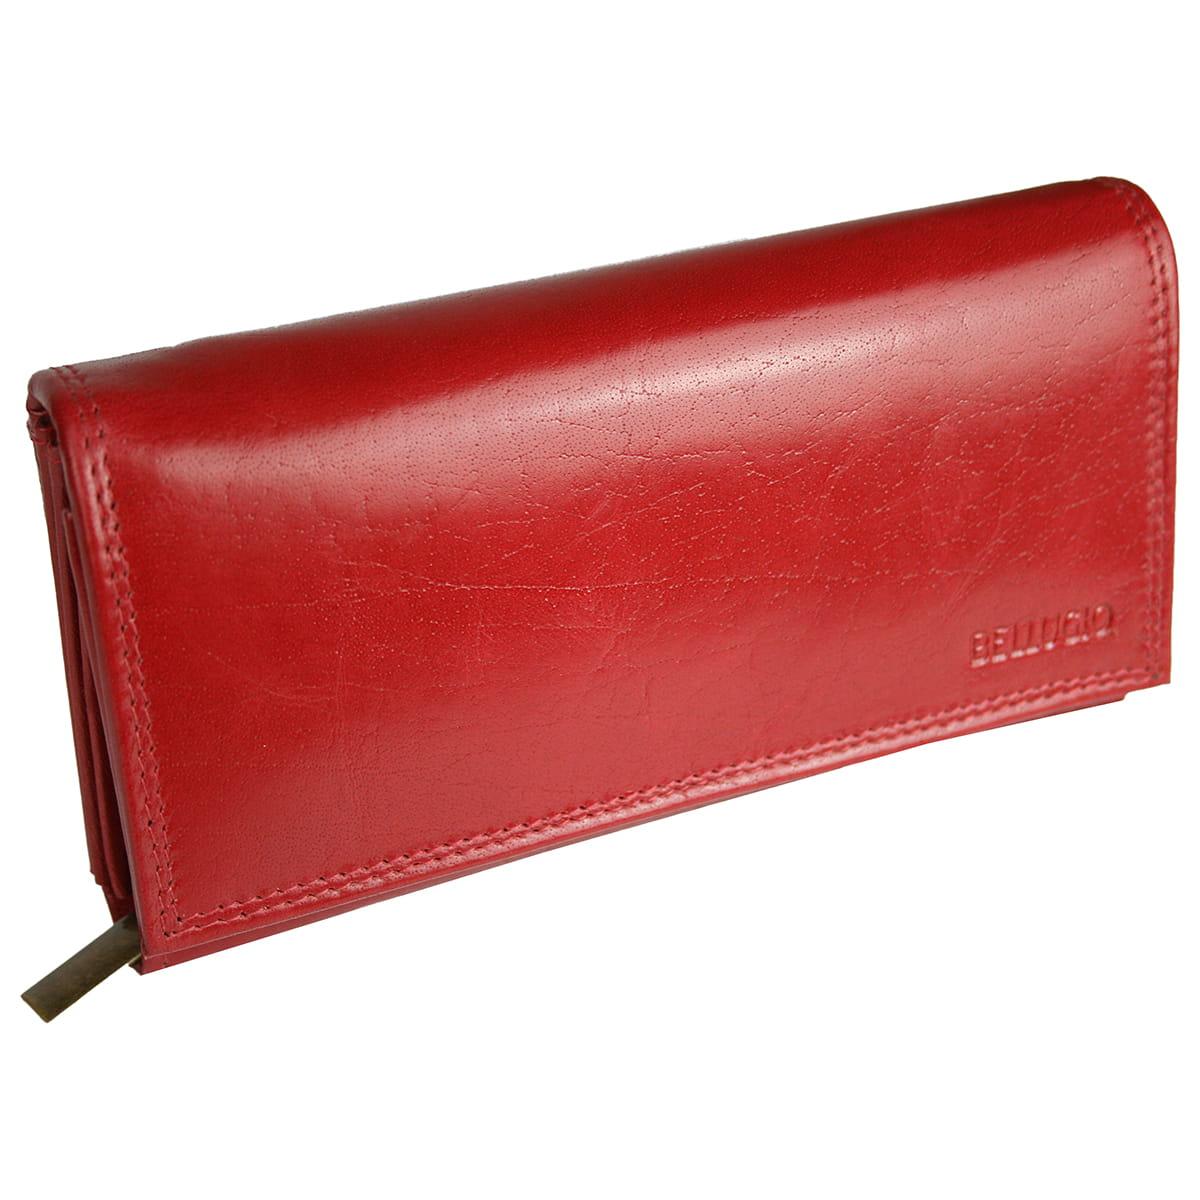 97ca91806125a Damski poziomy portfel ze skóry naturalnej marki Bellugio